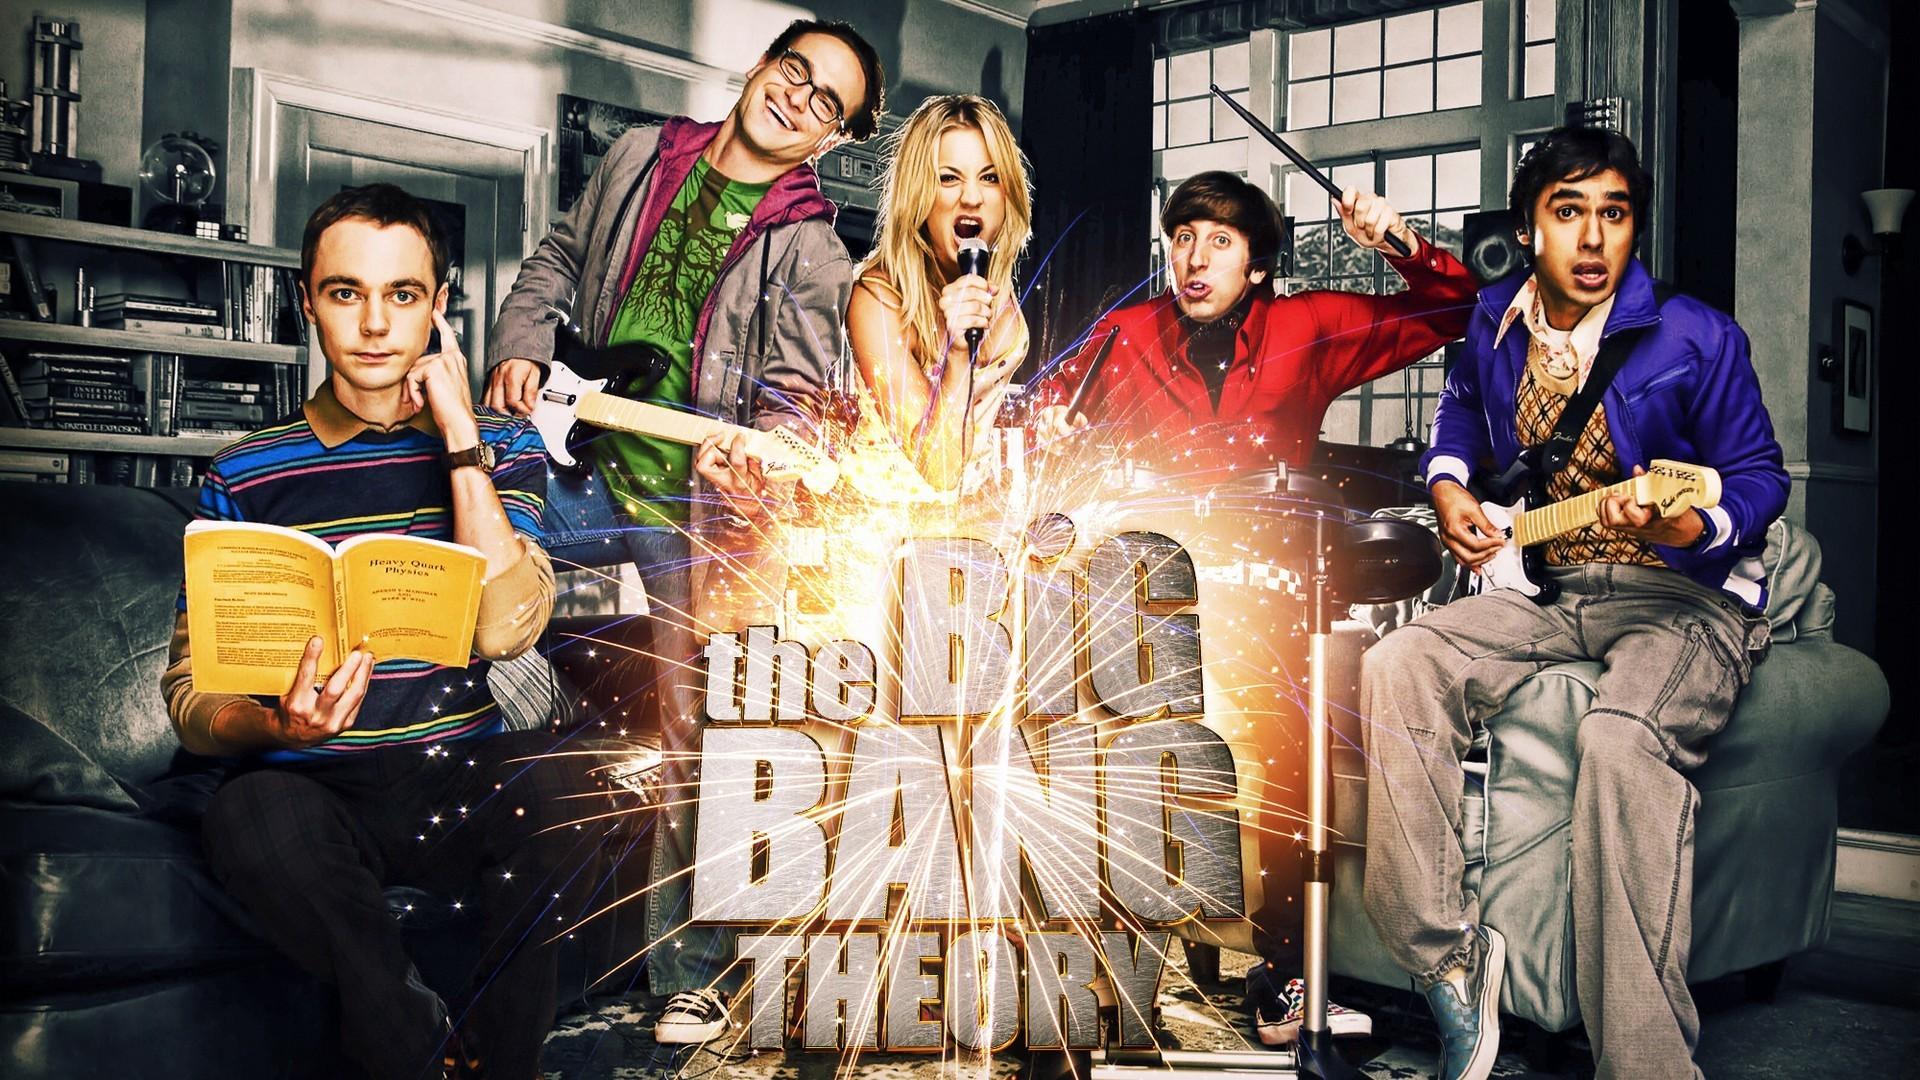 Res: 1920x1080, Big-Bang-Theory-HD-Wallpaper-007.jpg